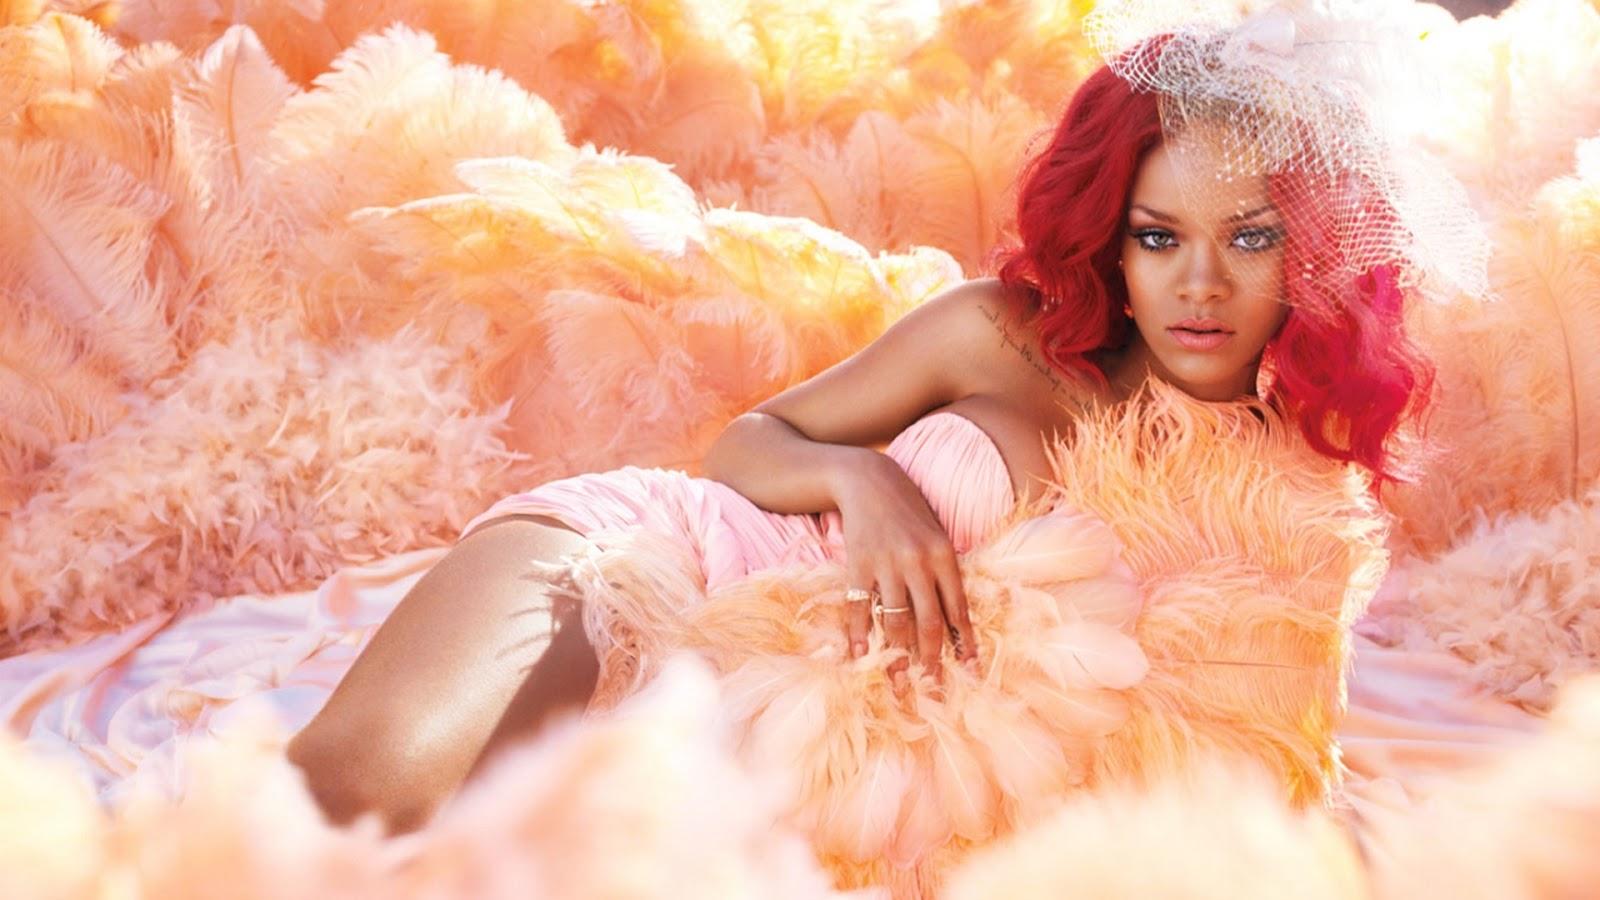 http://3.bp.blogspot.com/-PjPYjNCr4rM/UM7zfPlX8iI/AAAAAAAACtc/HTc8bW-9pEU/s1600/Rihanna+New+Hot+HD+Wallpaper+2012-2013+03.jpg